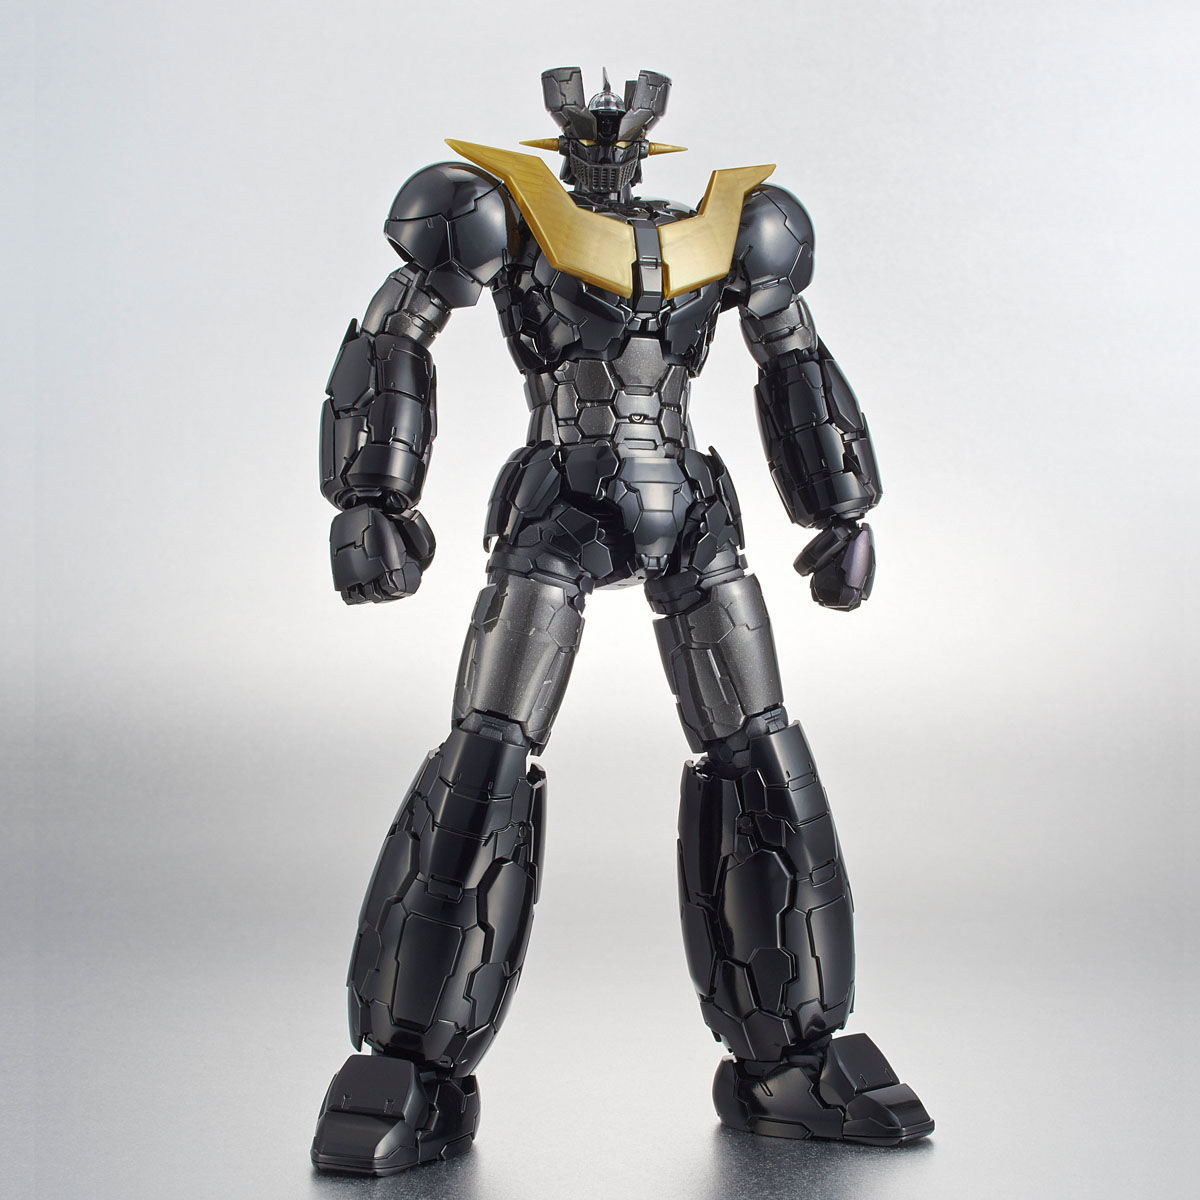 【限定販売】HG 1/144『マジンガーZ ブラックVer.(マジンガーZ INFINITY Ver.)』プラモデル-003